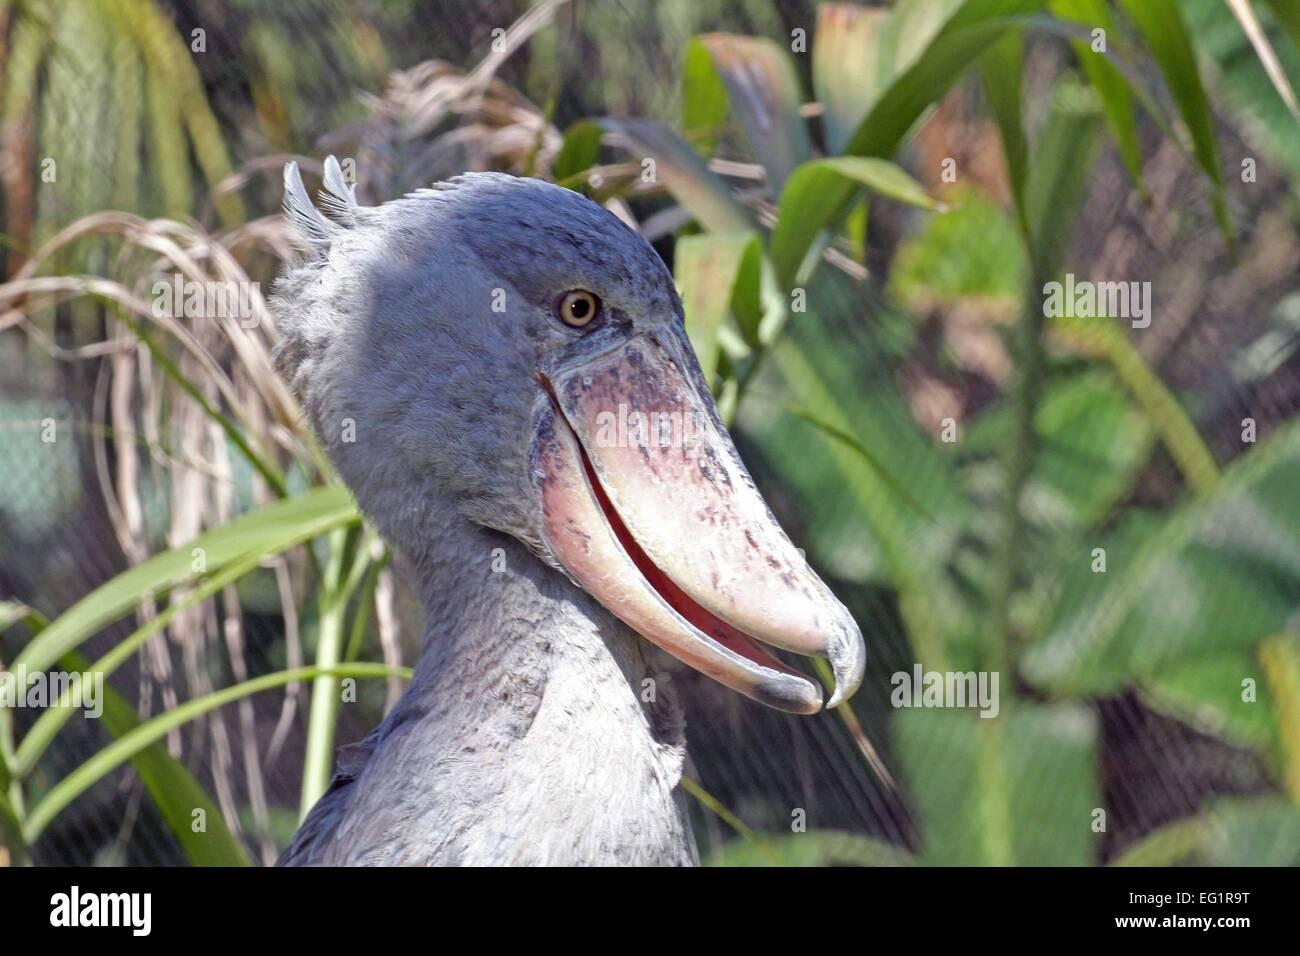 Houston Zoo.  Animals in captivity.  Houston, Texas, USA. Shoebill Stork - Stock Image